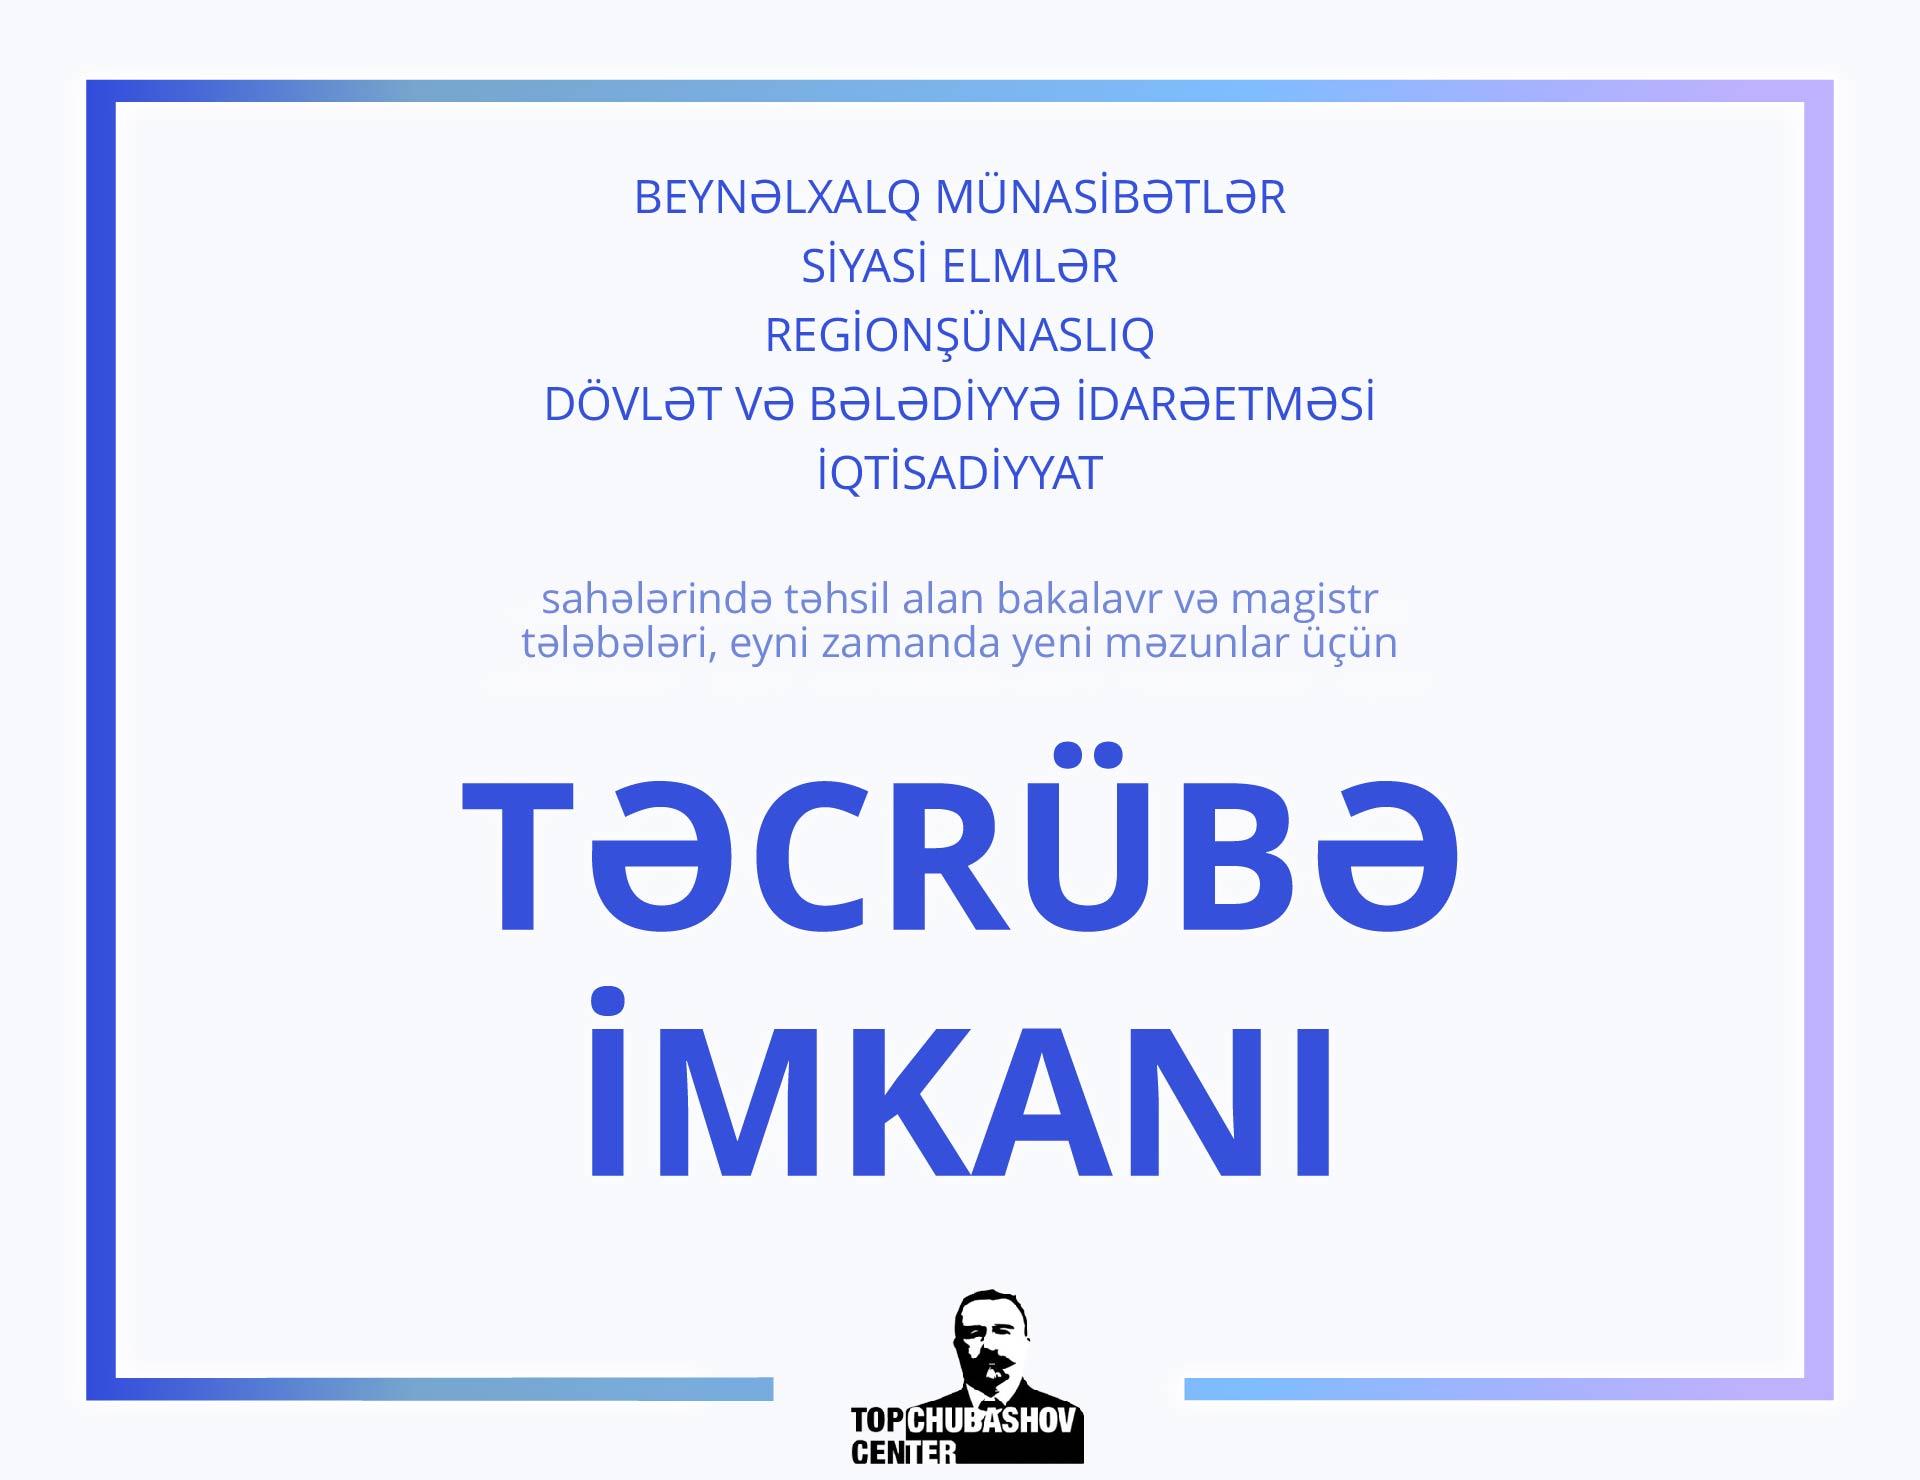 Topchubashov internship opportunity